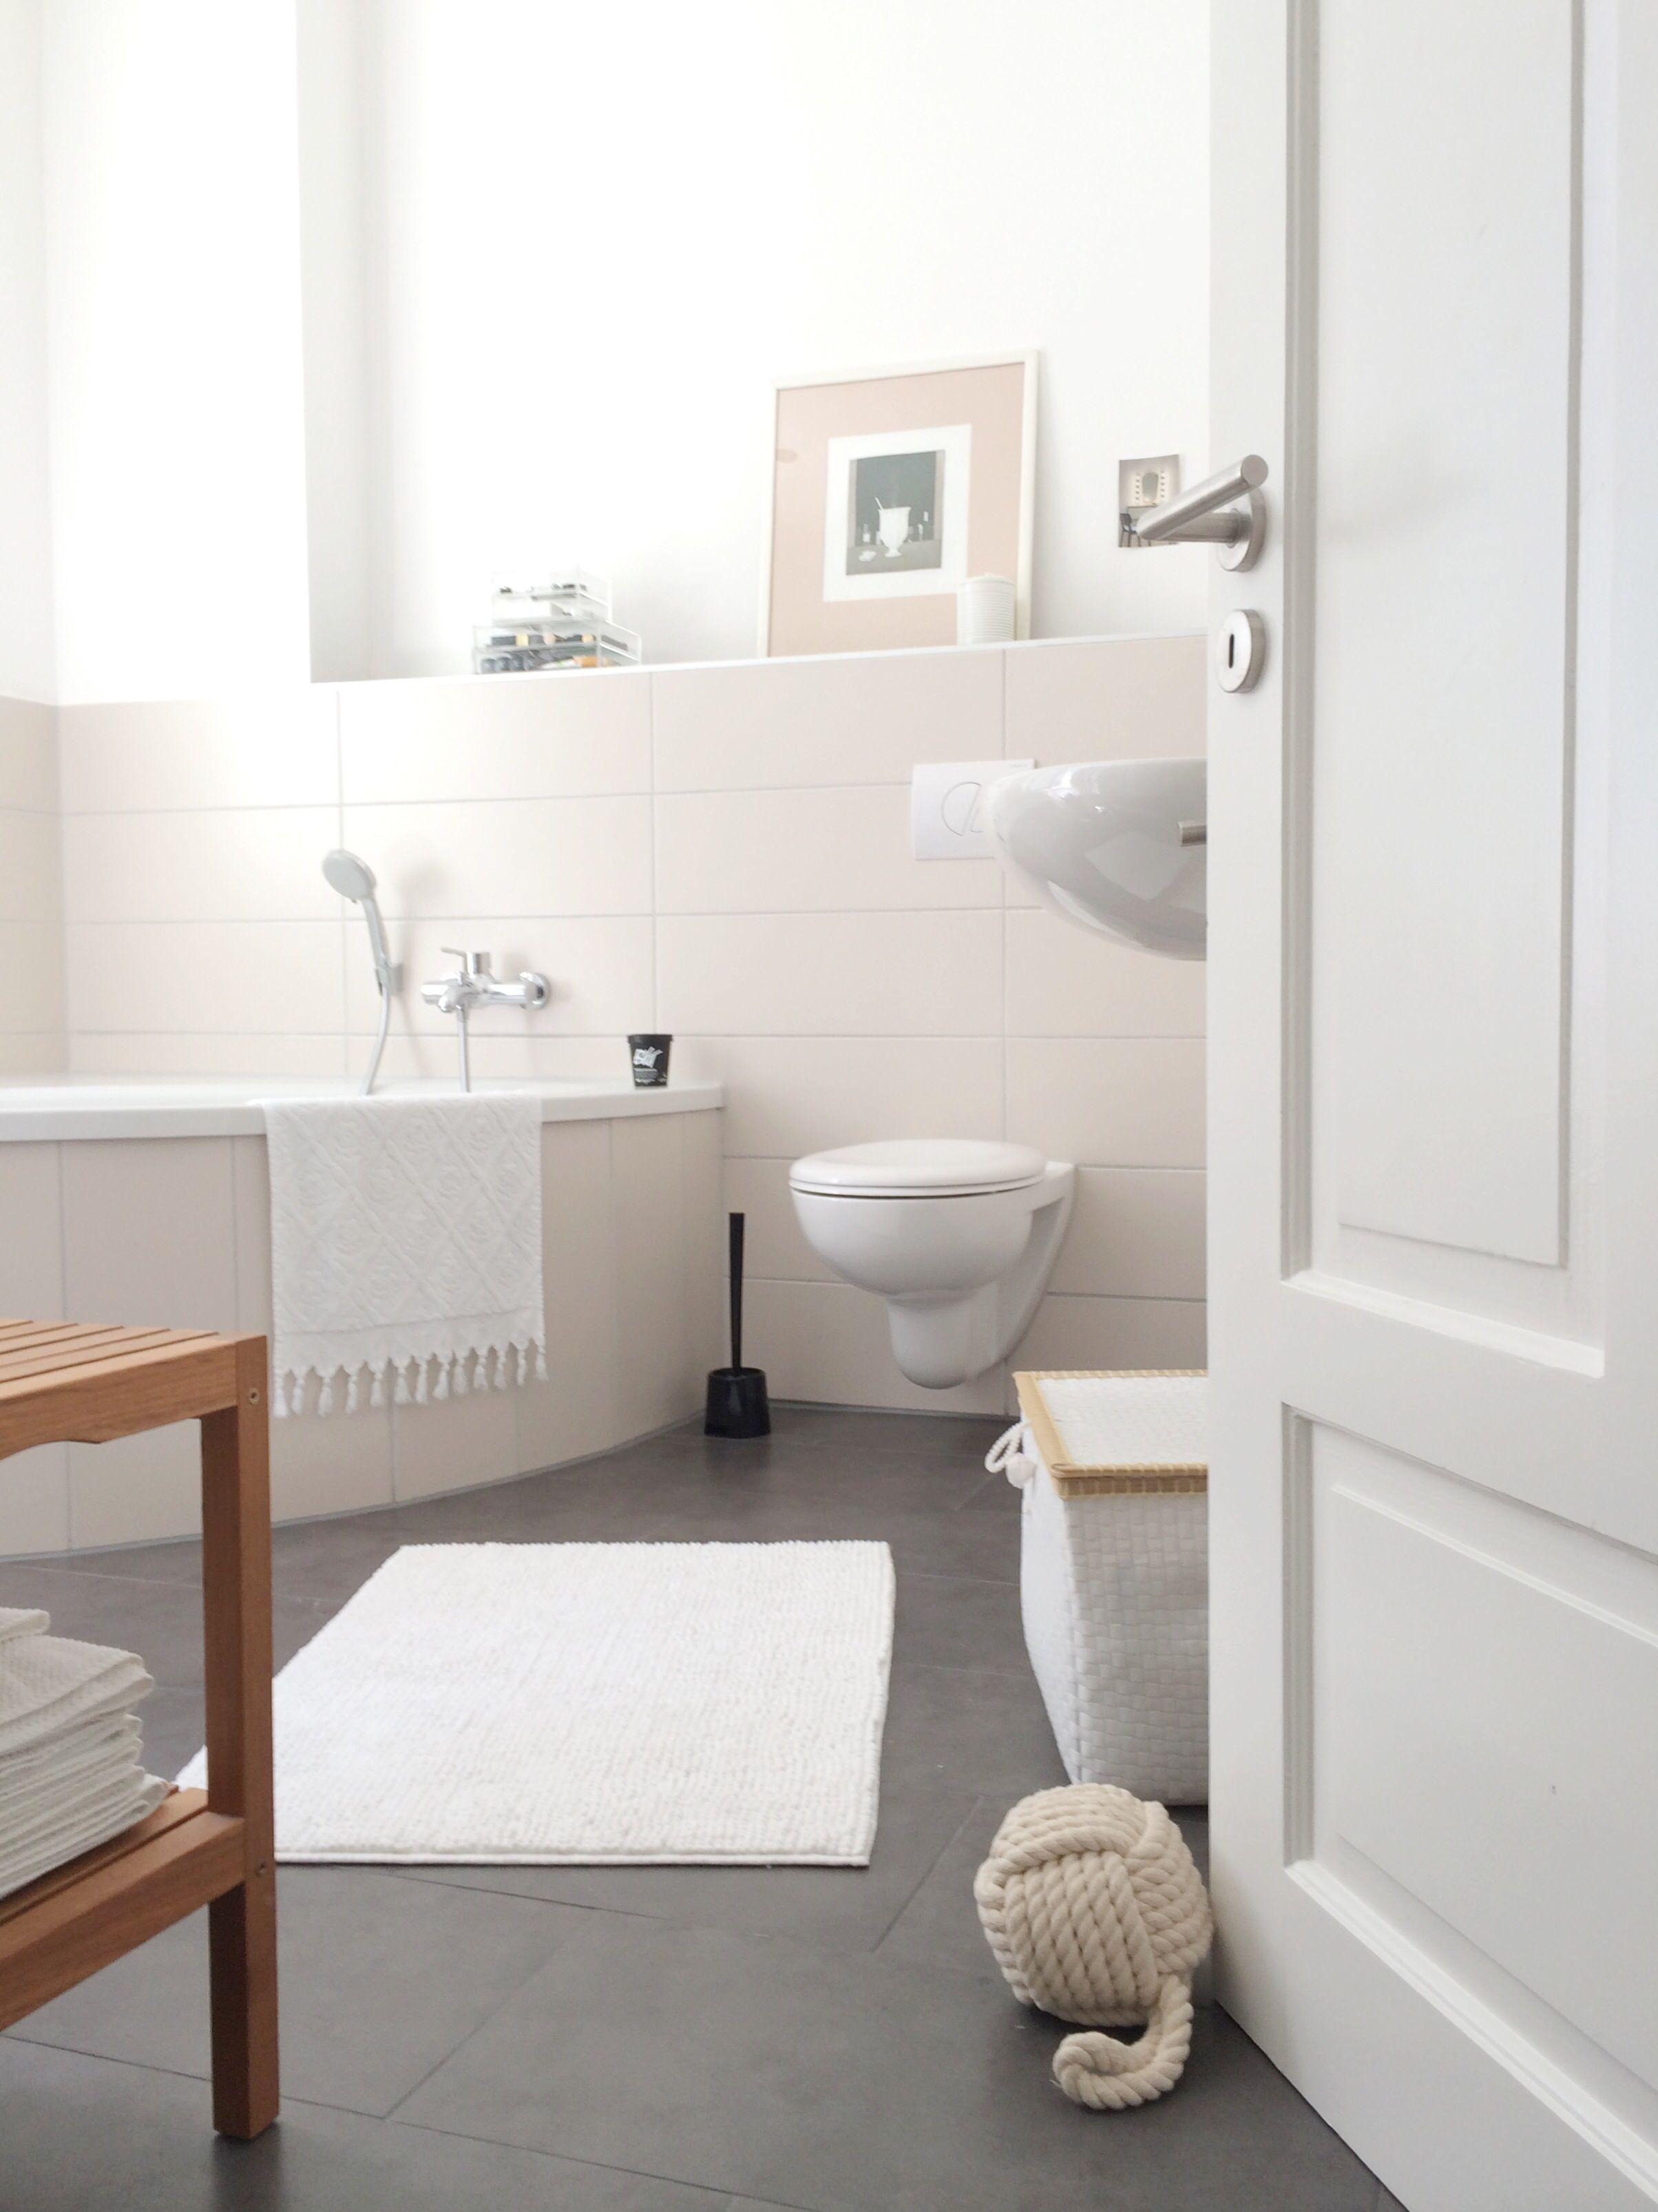 Einblick Helle Badezimmer Badezimmer Kleine Badezimmer